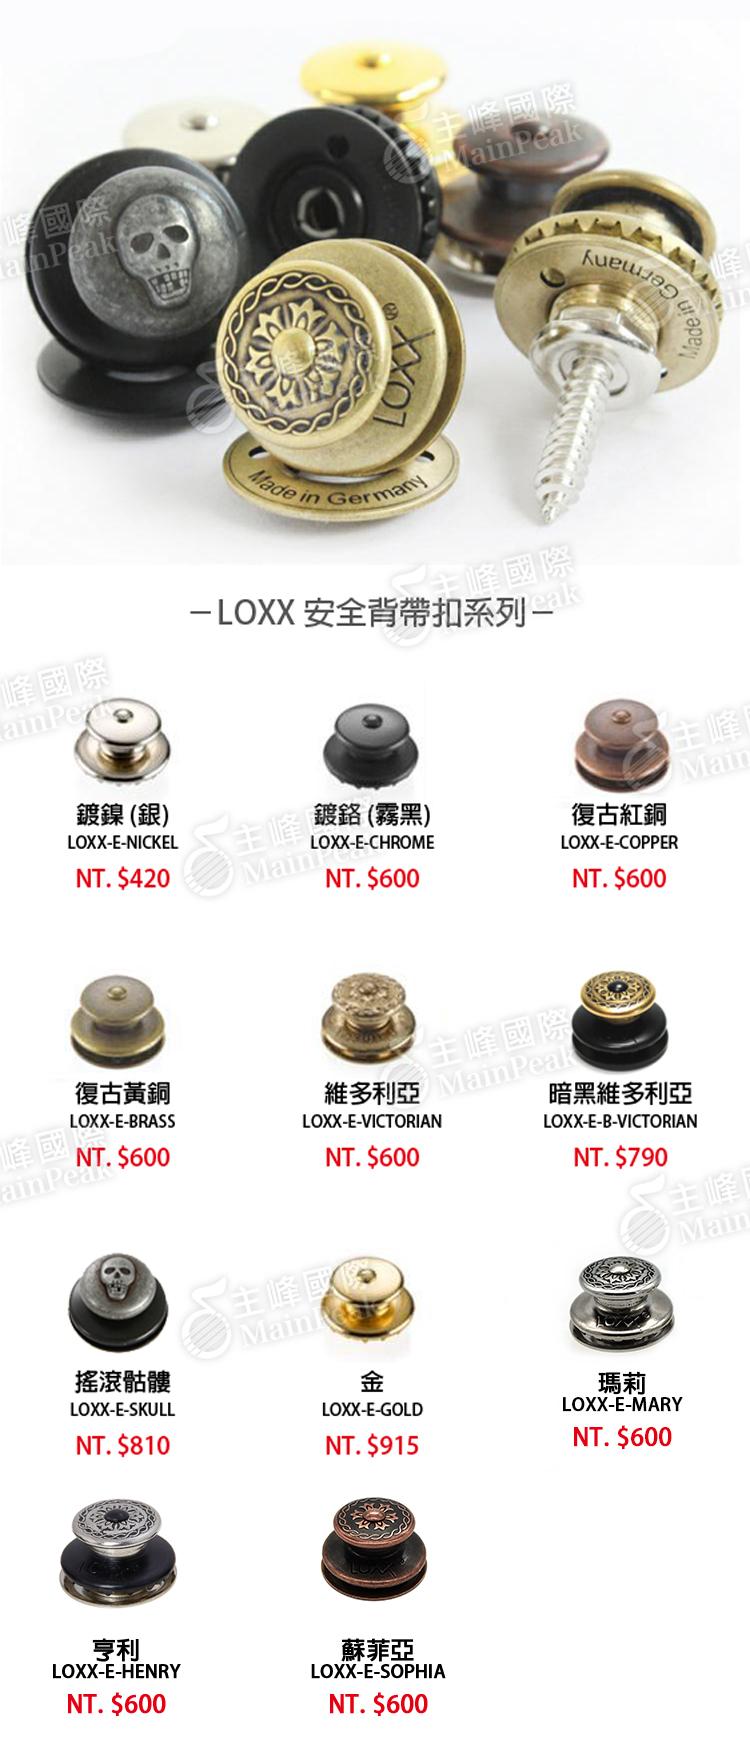 德國 LOXX 安全肩帶釦 安全背帶扣 尾釘 吉他 貝斯 烏克麗麗 德國製造 原廠正品公司貨 一組兩顆